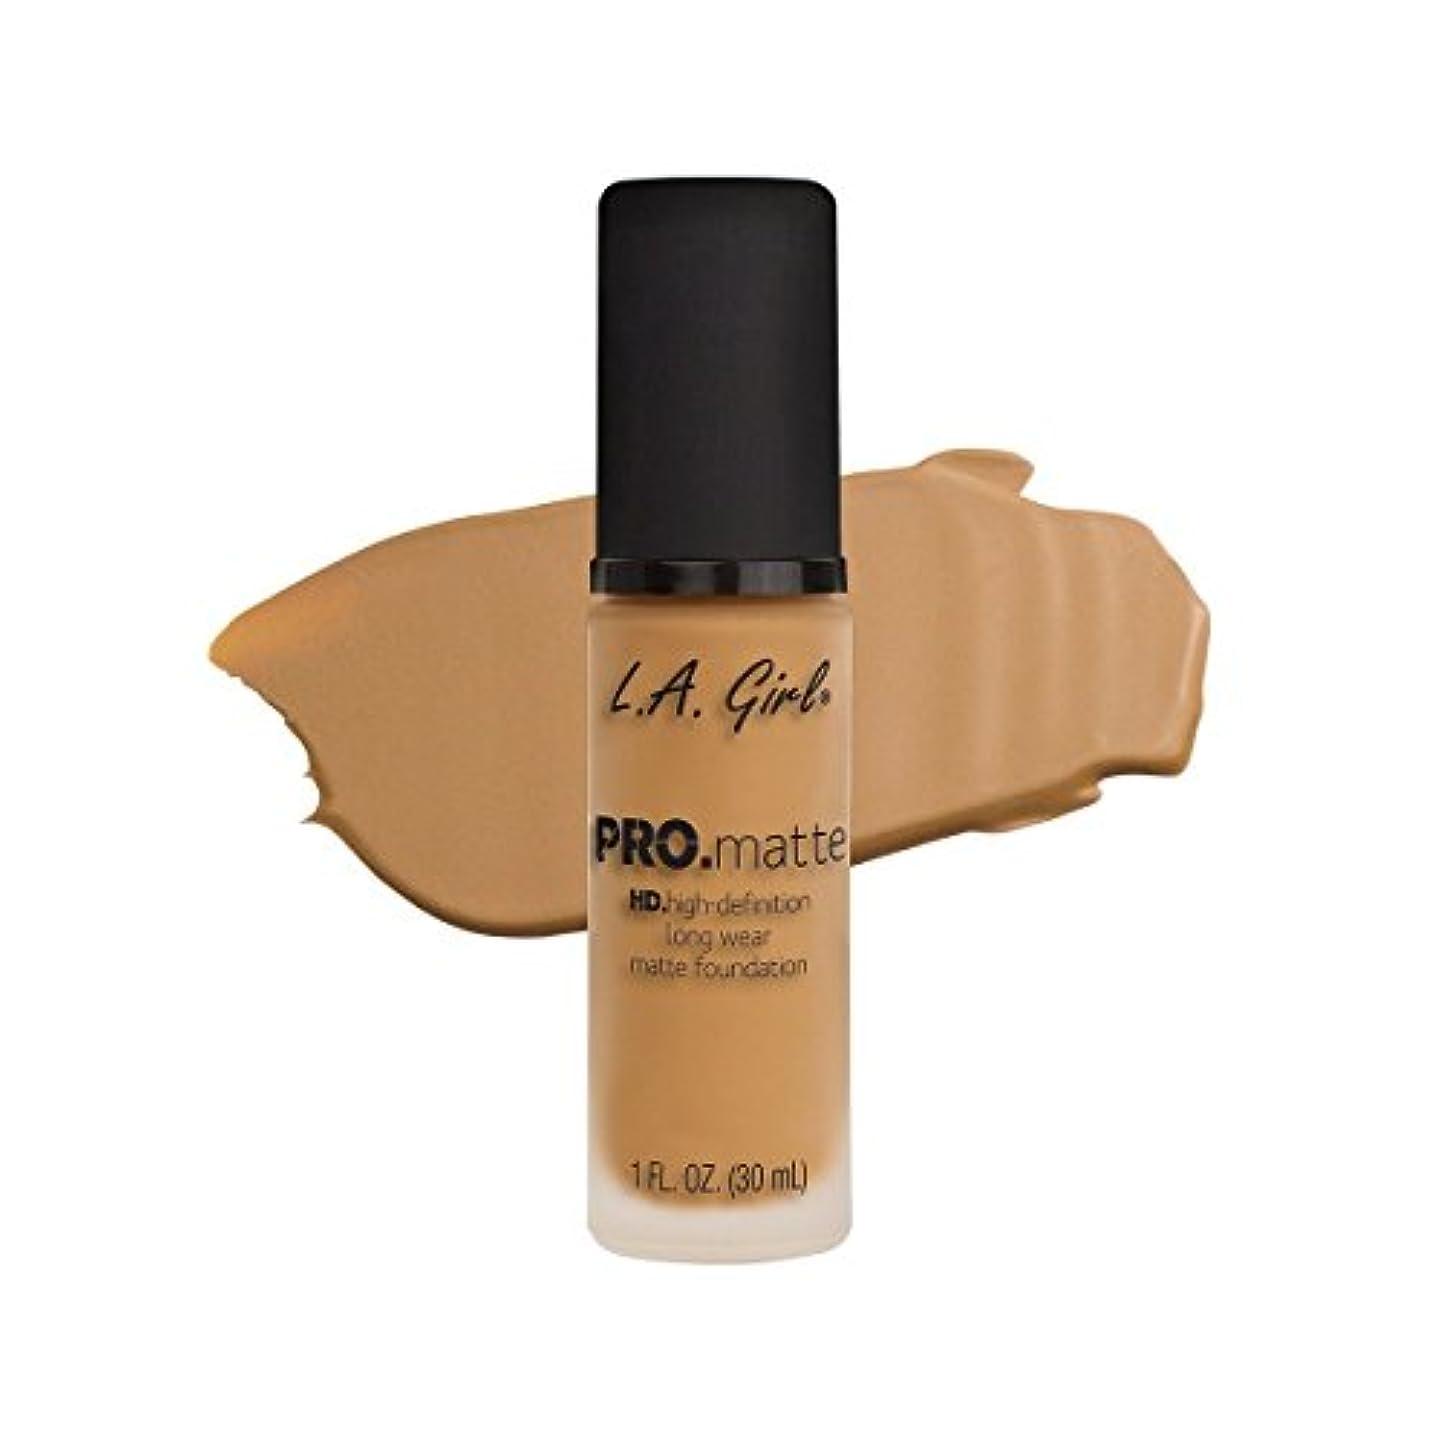 予感パケット思い出す(6 Pack) L.A. GIRL Pro Matte Foundation - Light Tan (並行輸入品)